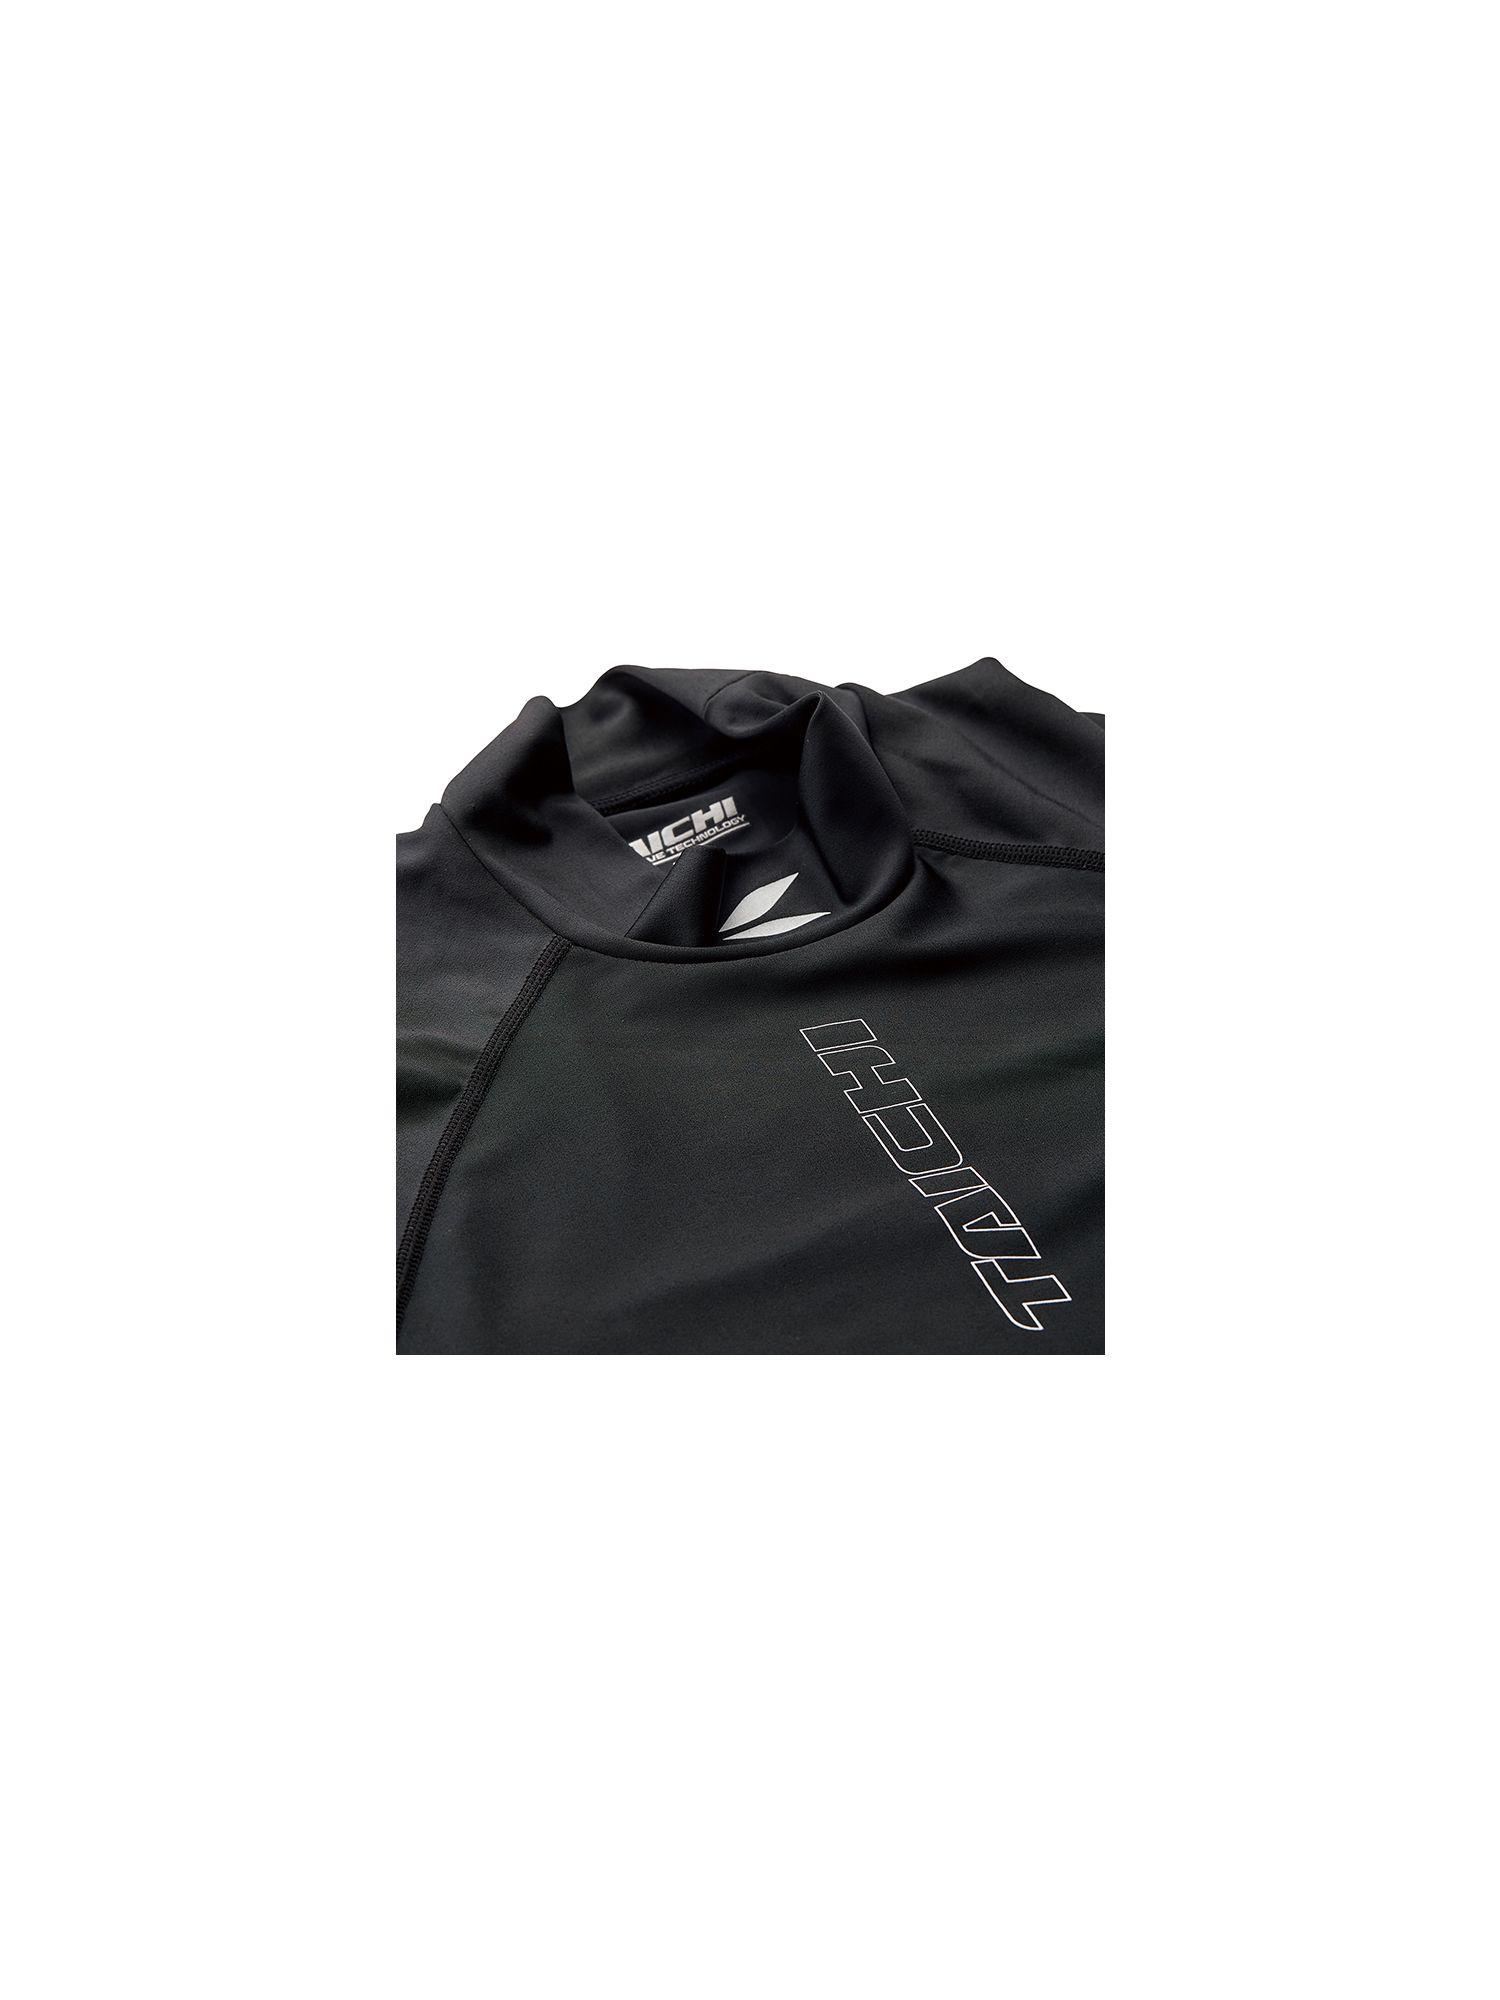 RSU320   クールライド スポーツ アンダーシャツ[1color]